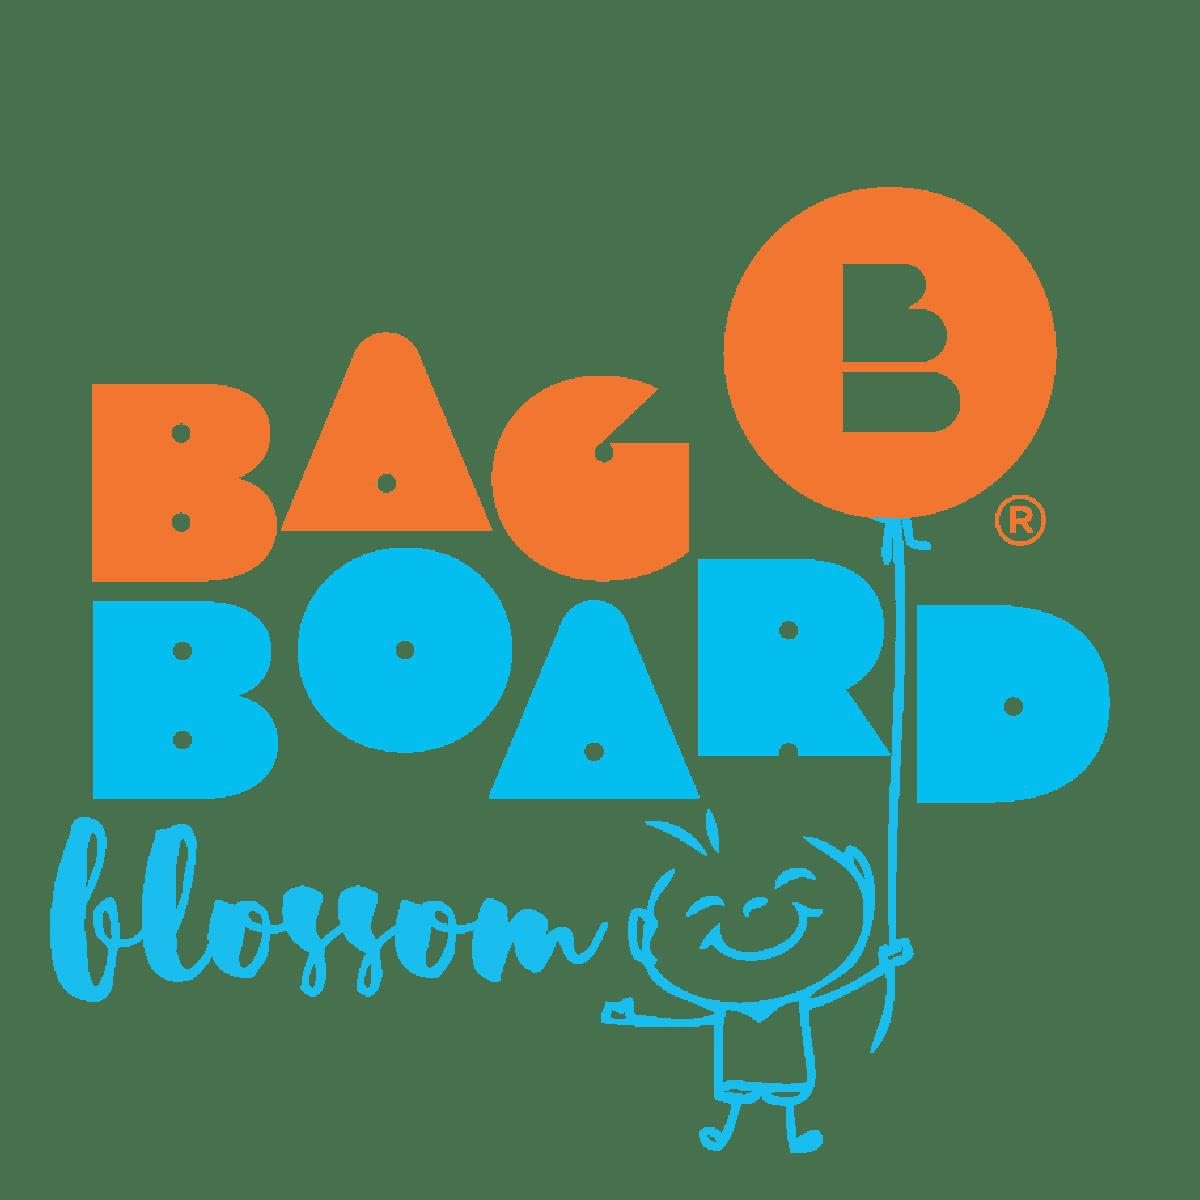 Logo bagboard jeu bois Blossom enfant